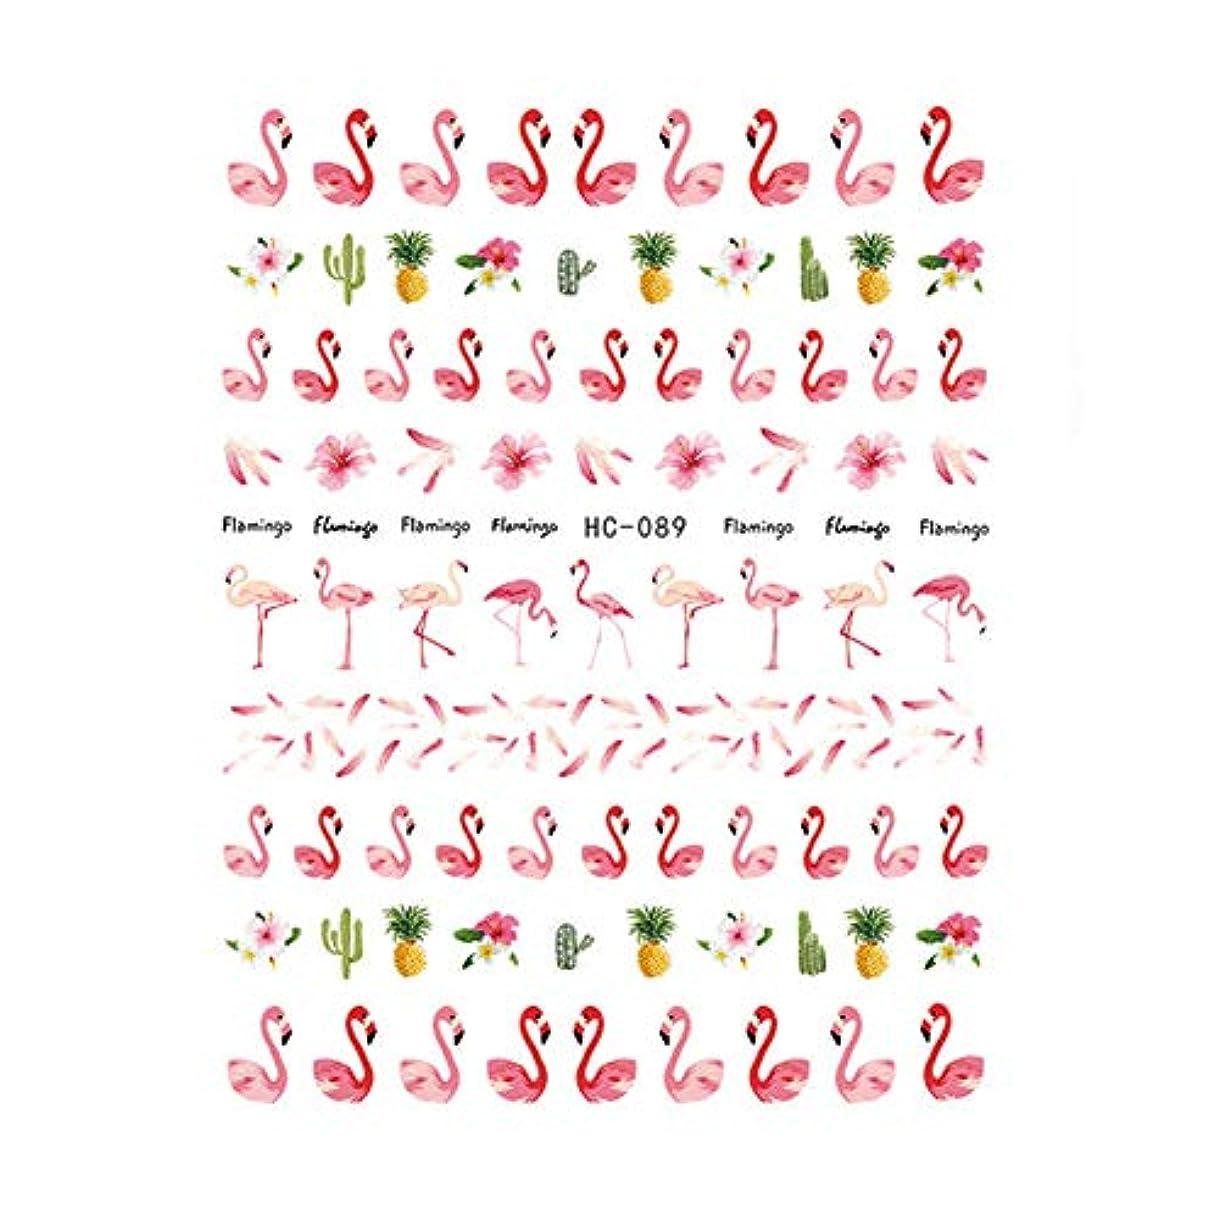 オゾン第五仕事Poonikuu 女の子たち フラミンゴネイルステッカー 可愛いネイル飾 5枚セット